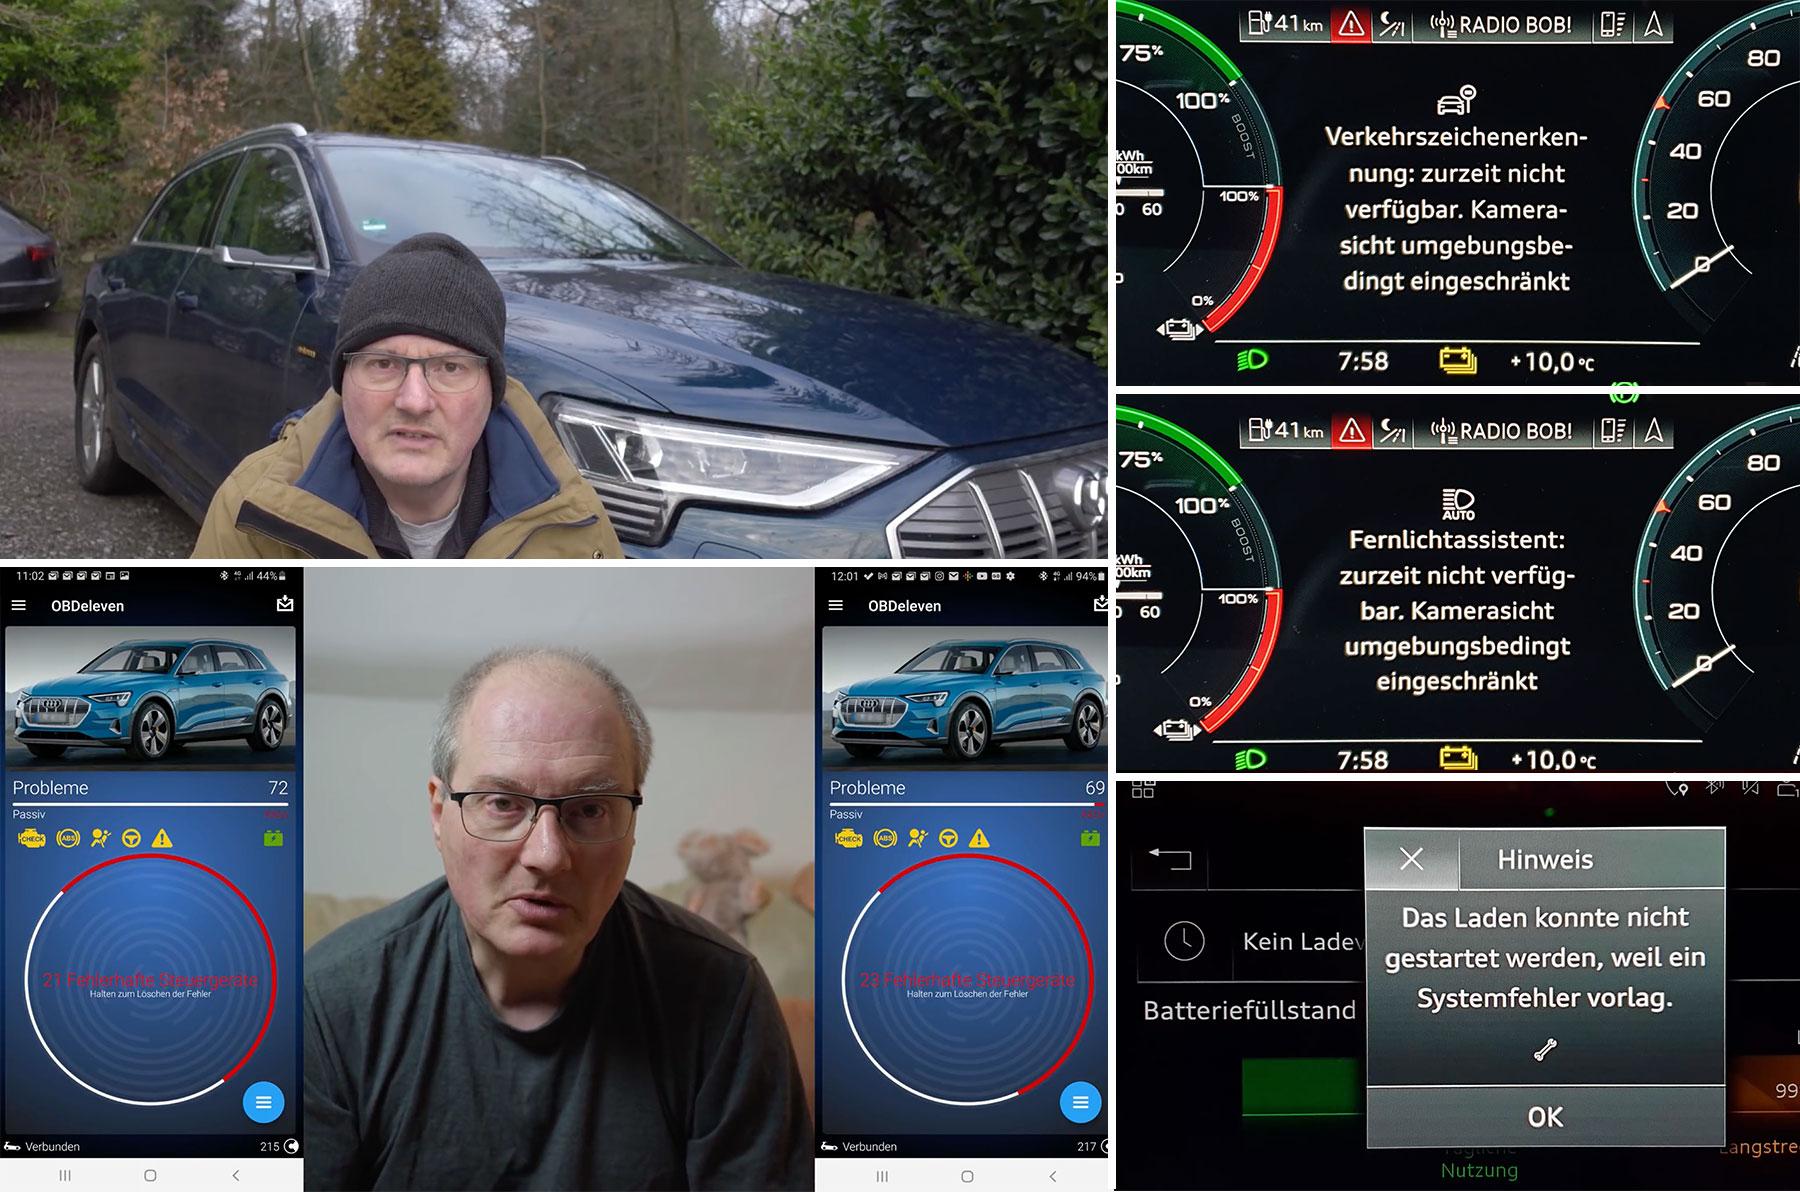 Montag Kompakt: Audi e-tron Montagsauto, Sandy Munro checkt 2021er Tesla Model 3, Daimler Entwicklungsvorstand im Interview, SUVs und CO2-Emissionen